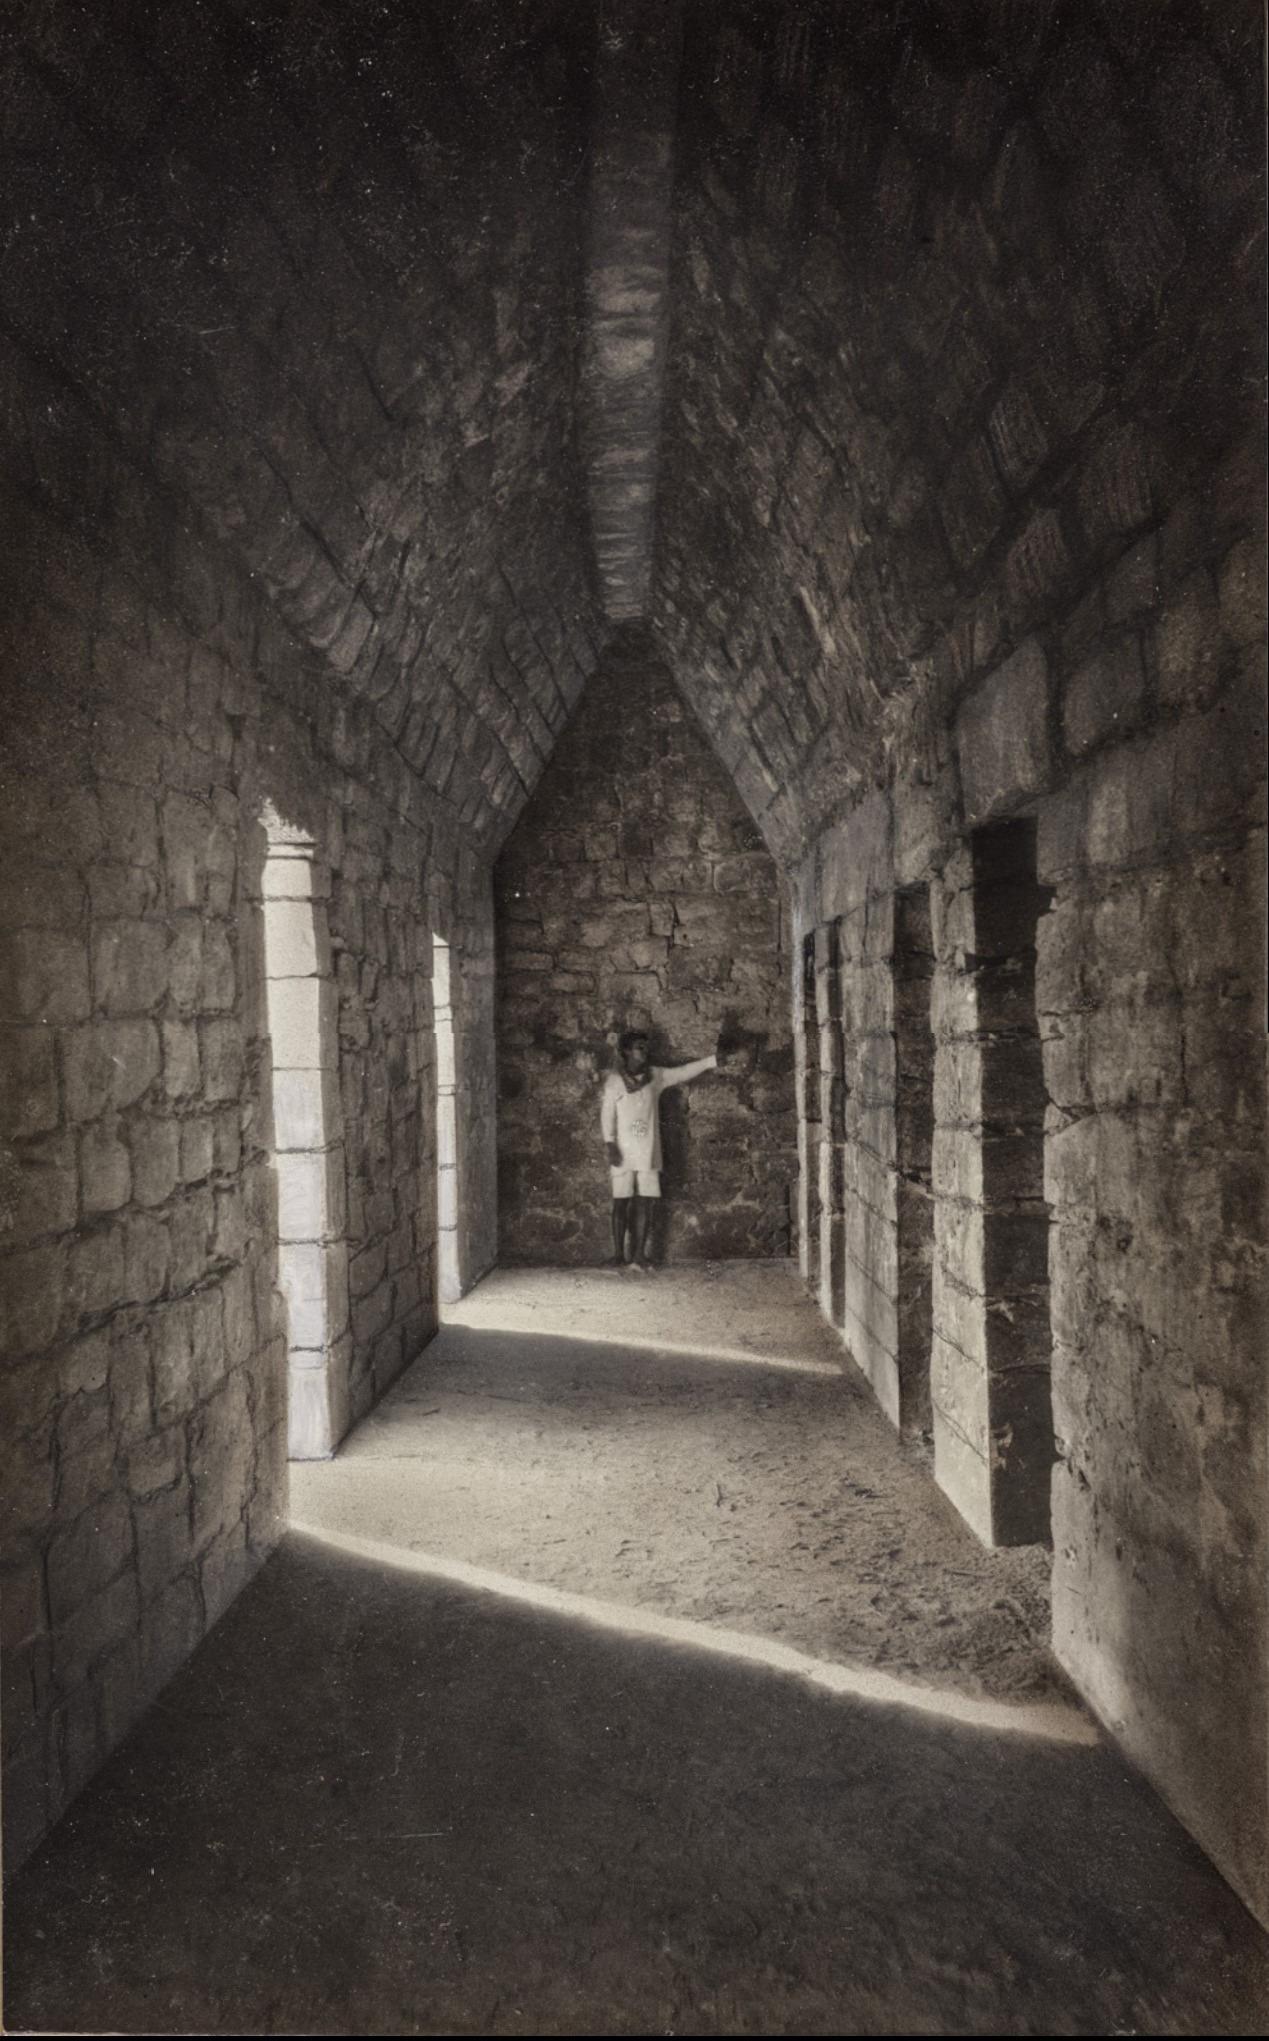 Чичен-Ица. Пирамида Кукулькан. Подземелье внутри пирамиды